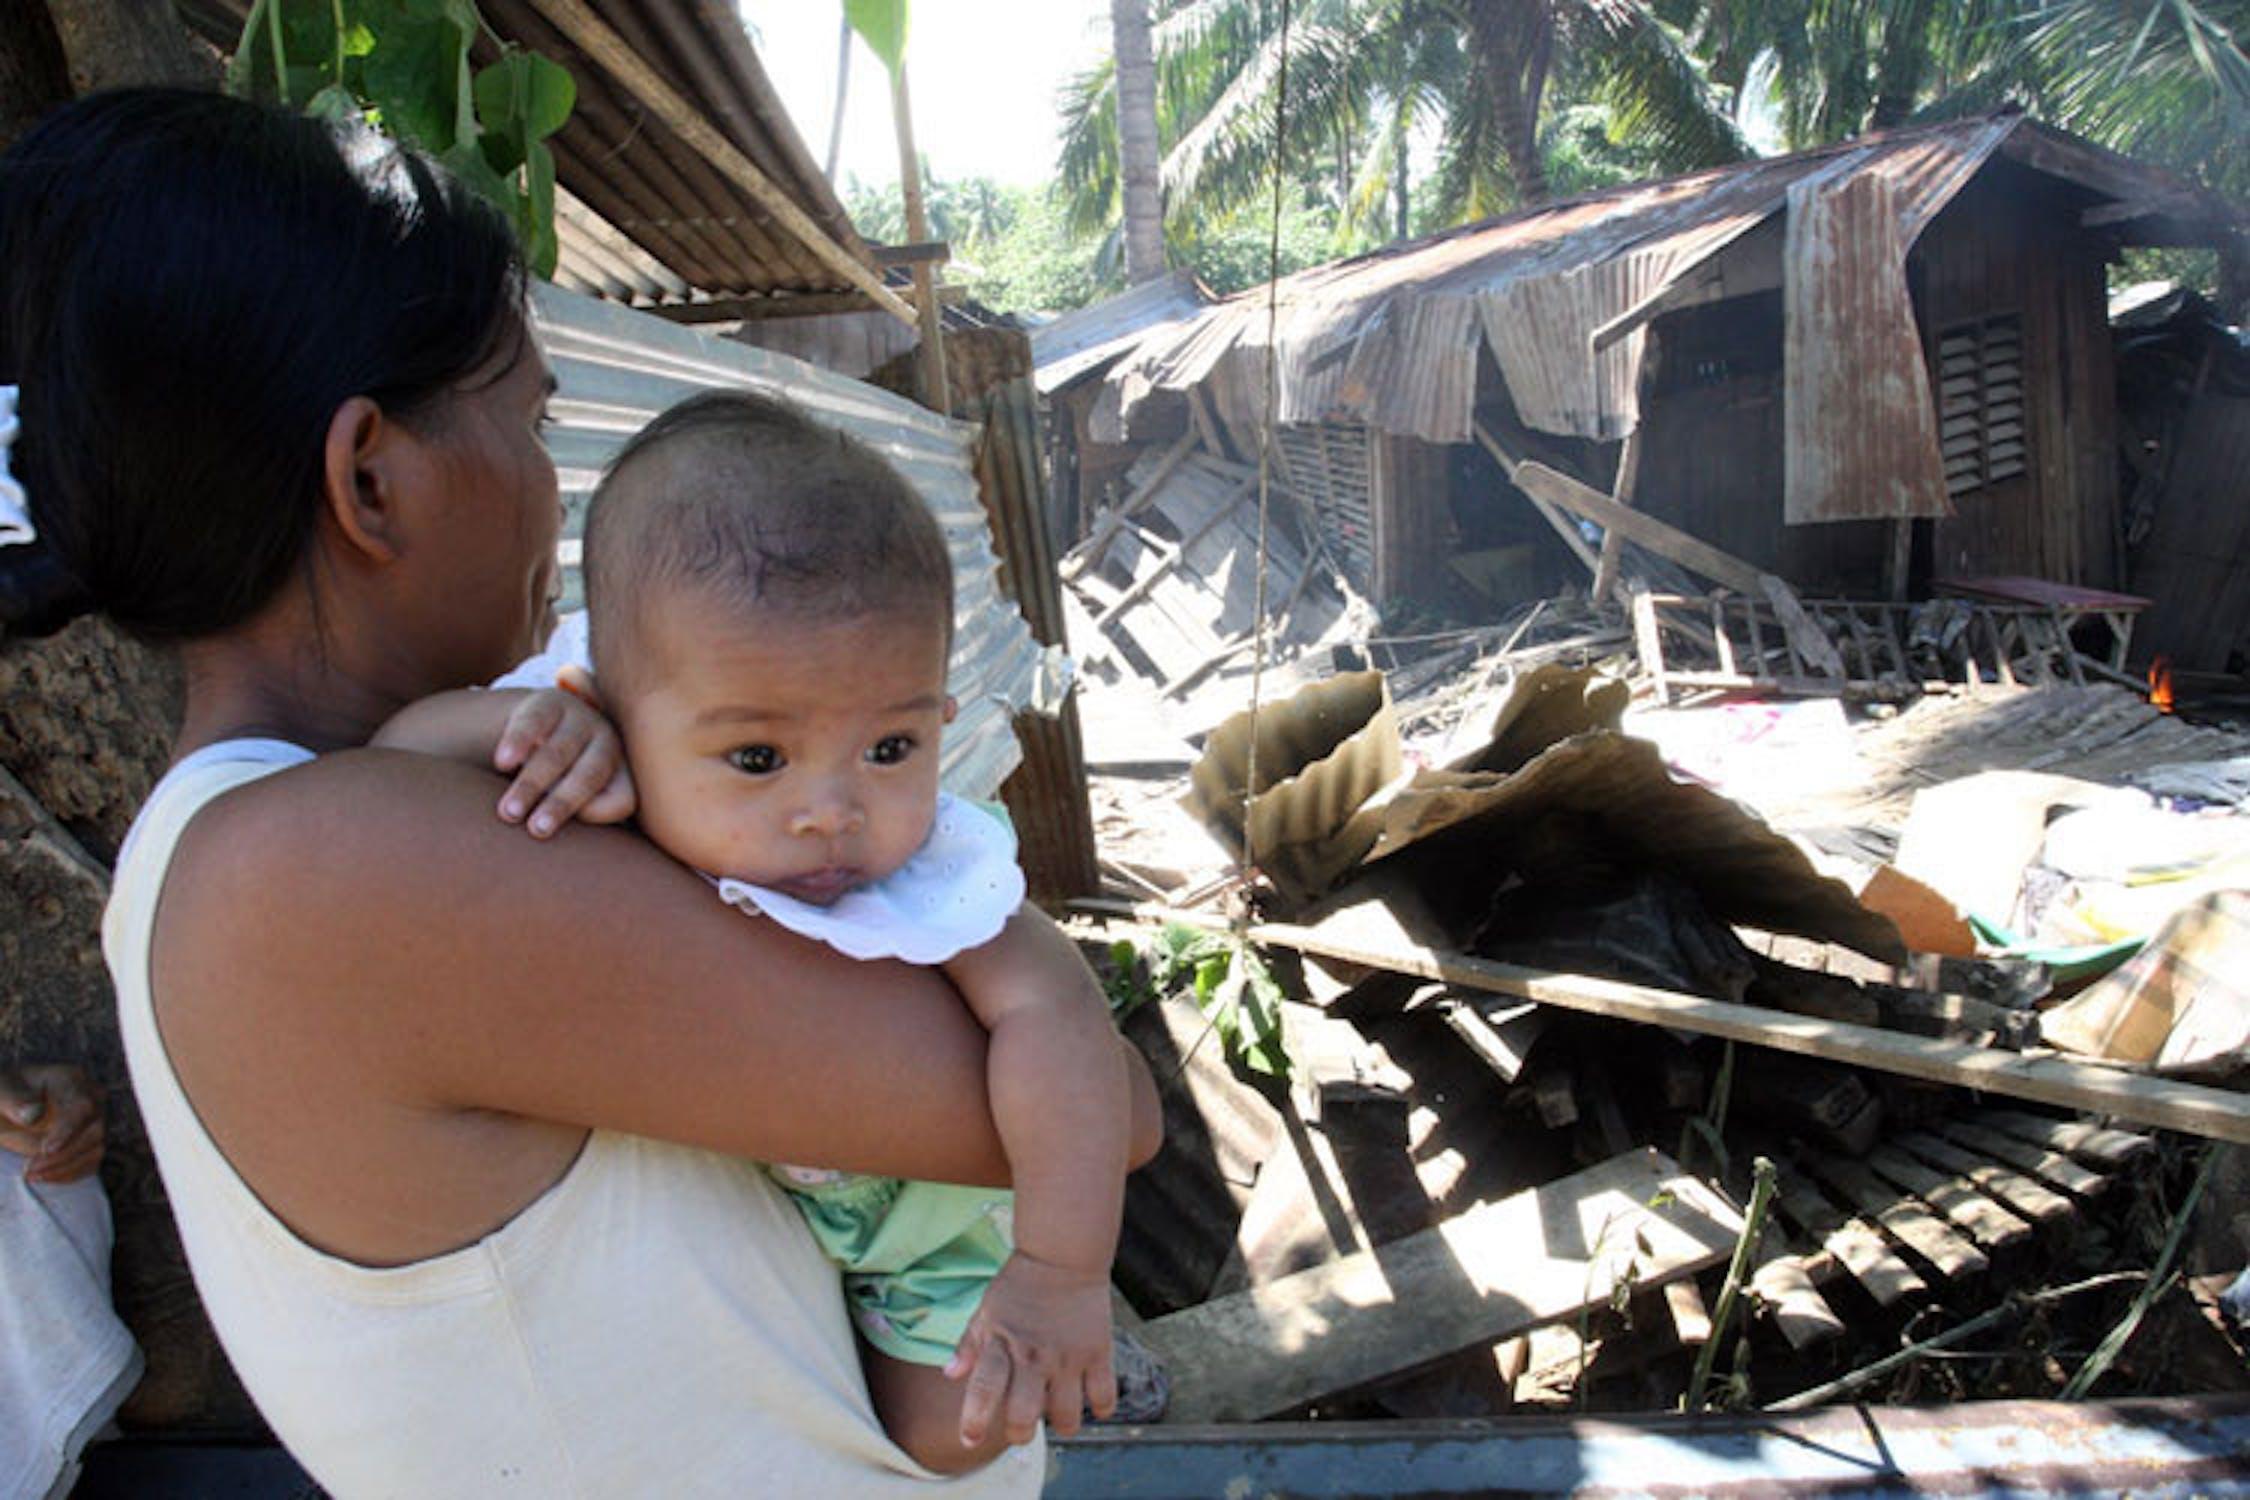 La piccola Marry, 4 mesi, in braccio alla mamma di fronte alle macerie della sua casa - ©UNICEF Filippine/2011/Maitem